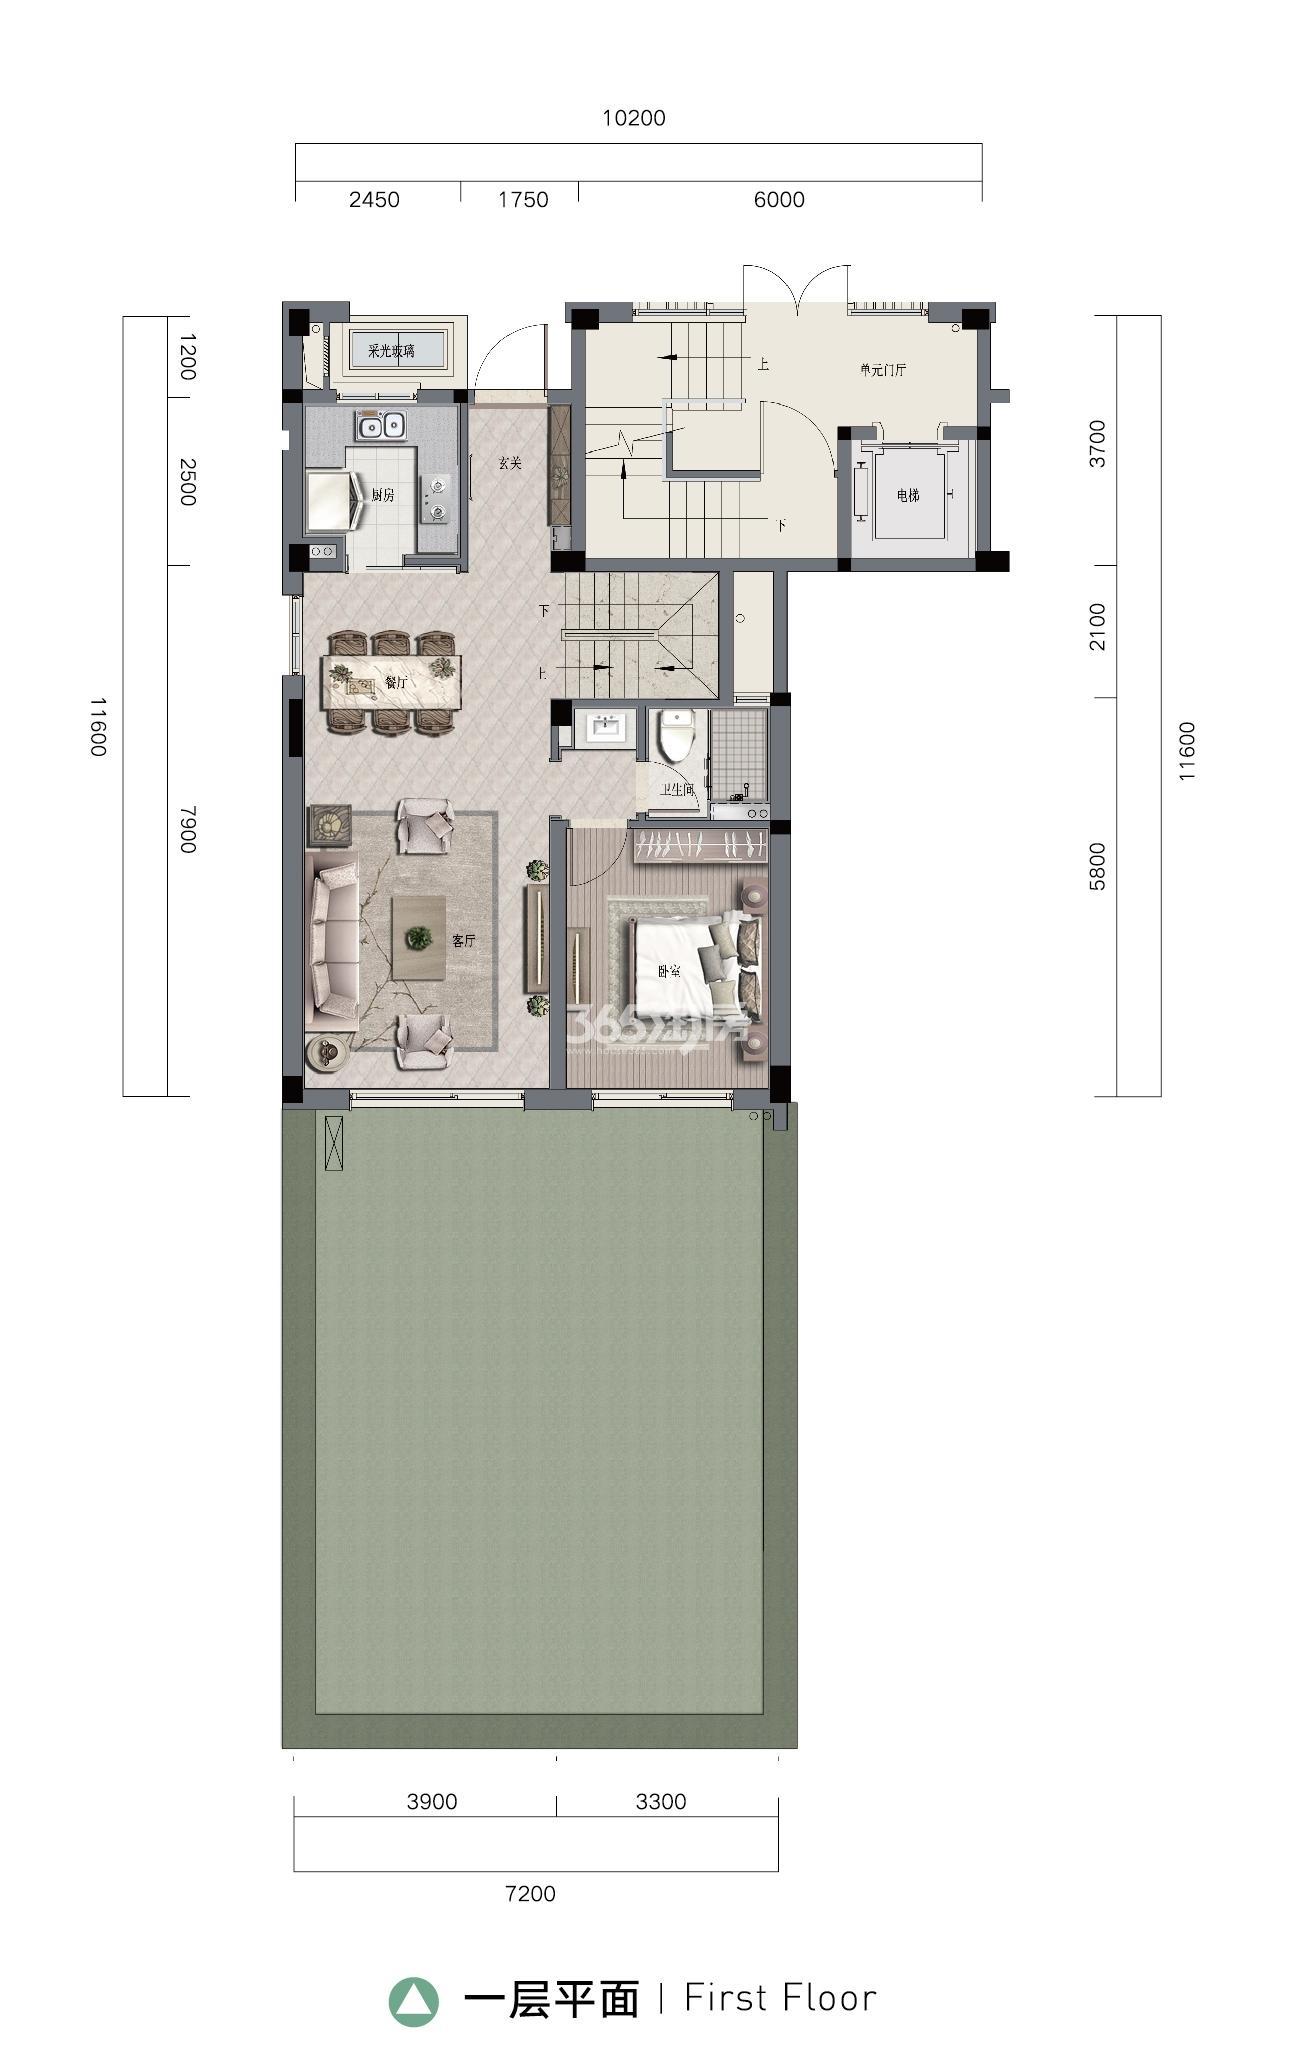 融创微风之城四期叠排下叠144方(1层)